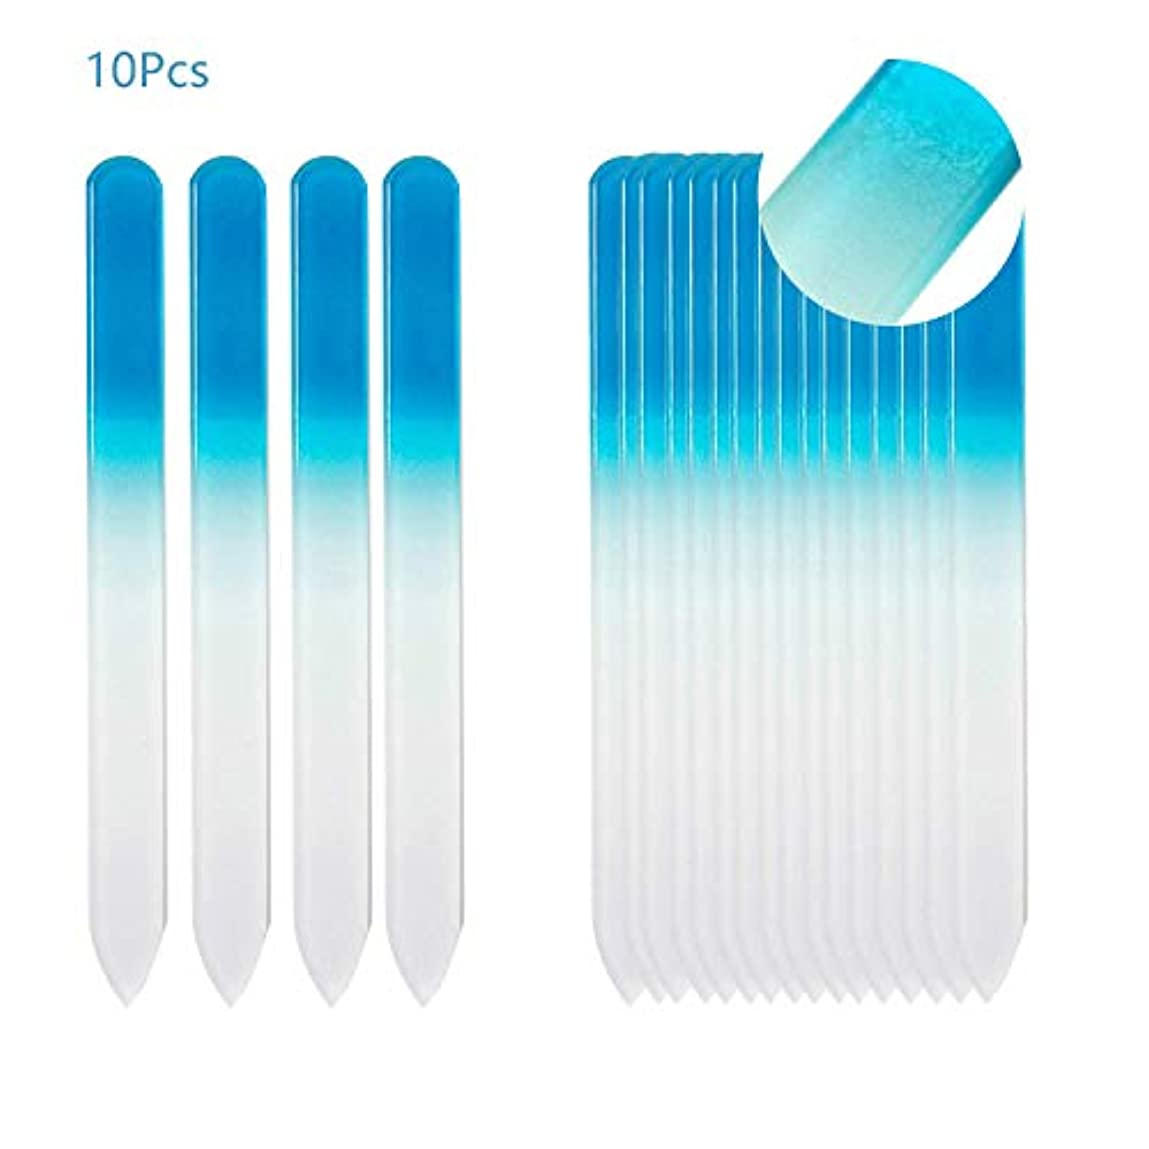 カカドゥ湿ったエイリアン爪やすり ガラスファイル グラスファイル 何度でも再利用 ネイル用品 ジェルネイル